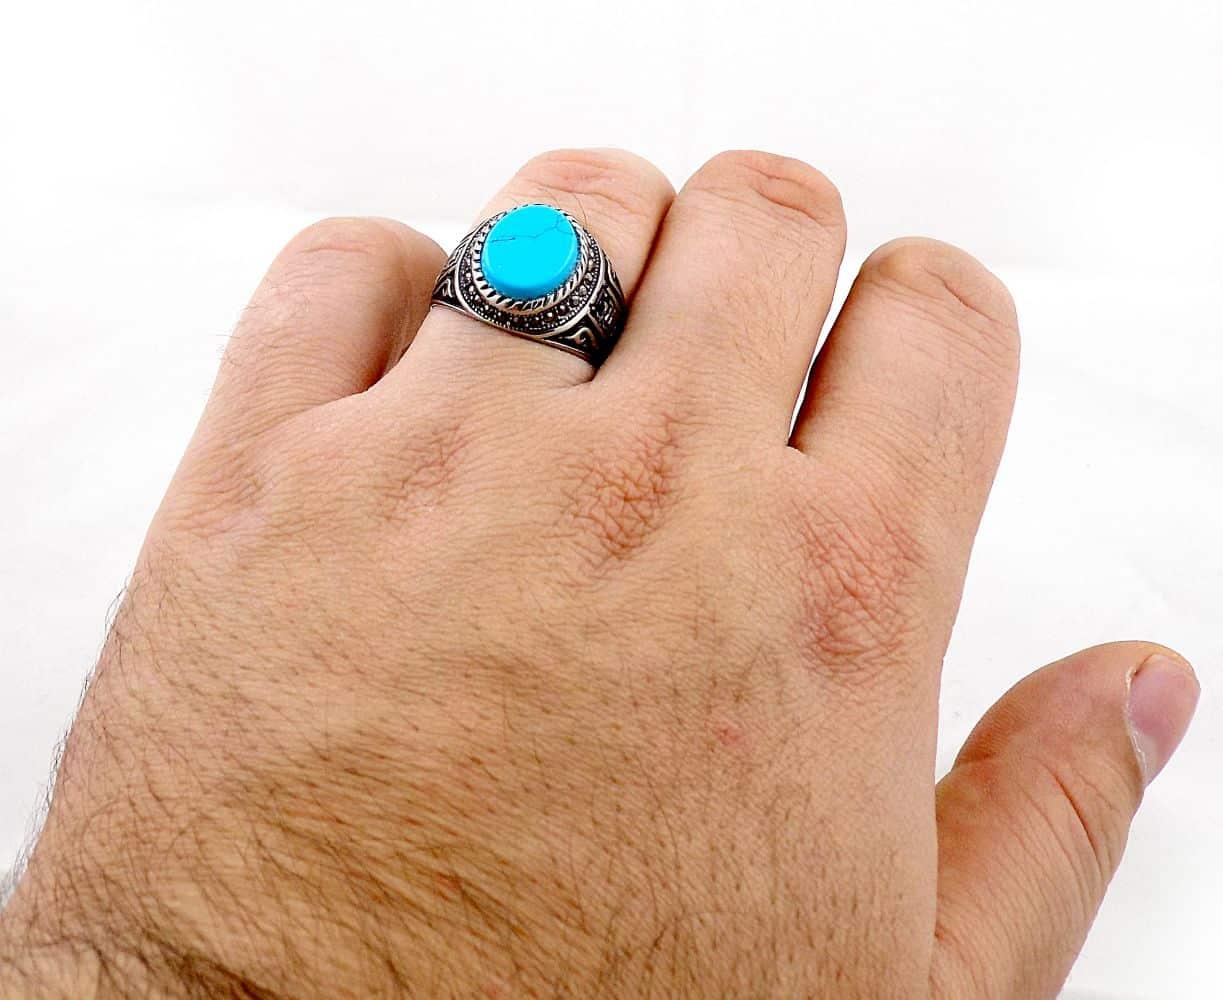 انگشتر مردانه استیل با طرح ورساچه و سنگ طرح فیروزه pr-ma114